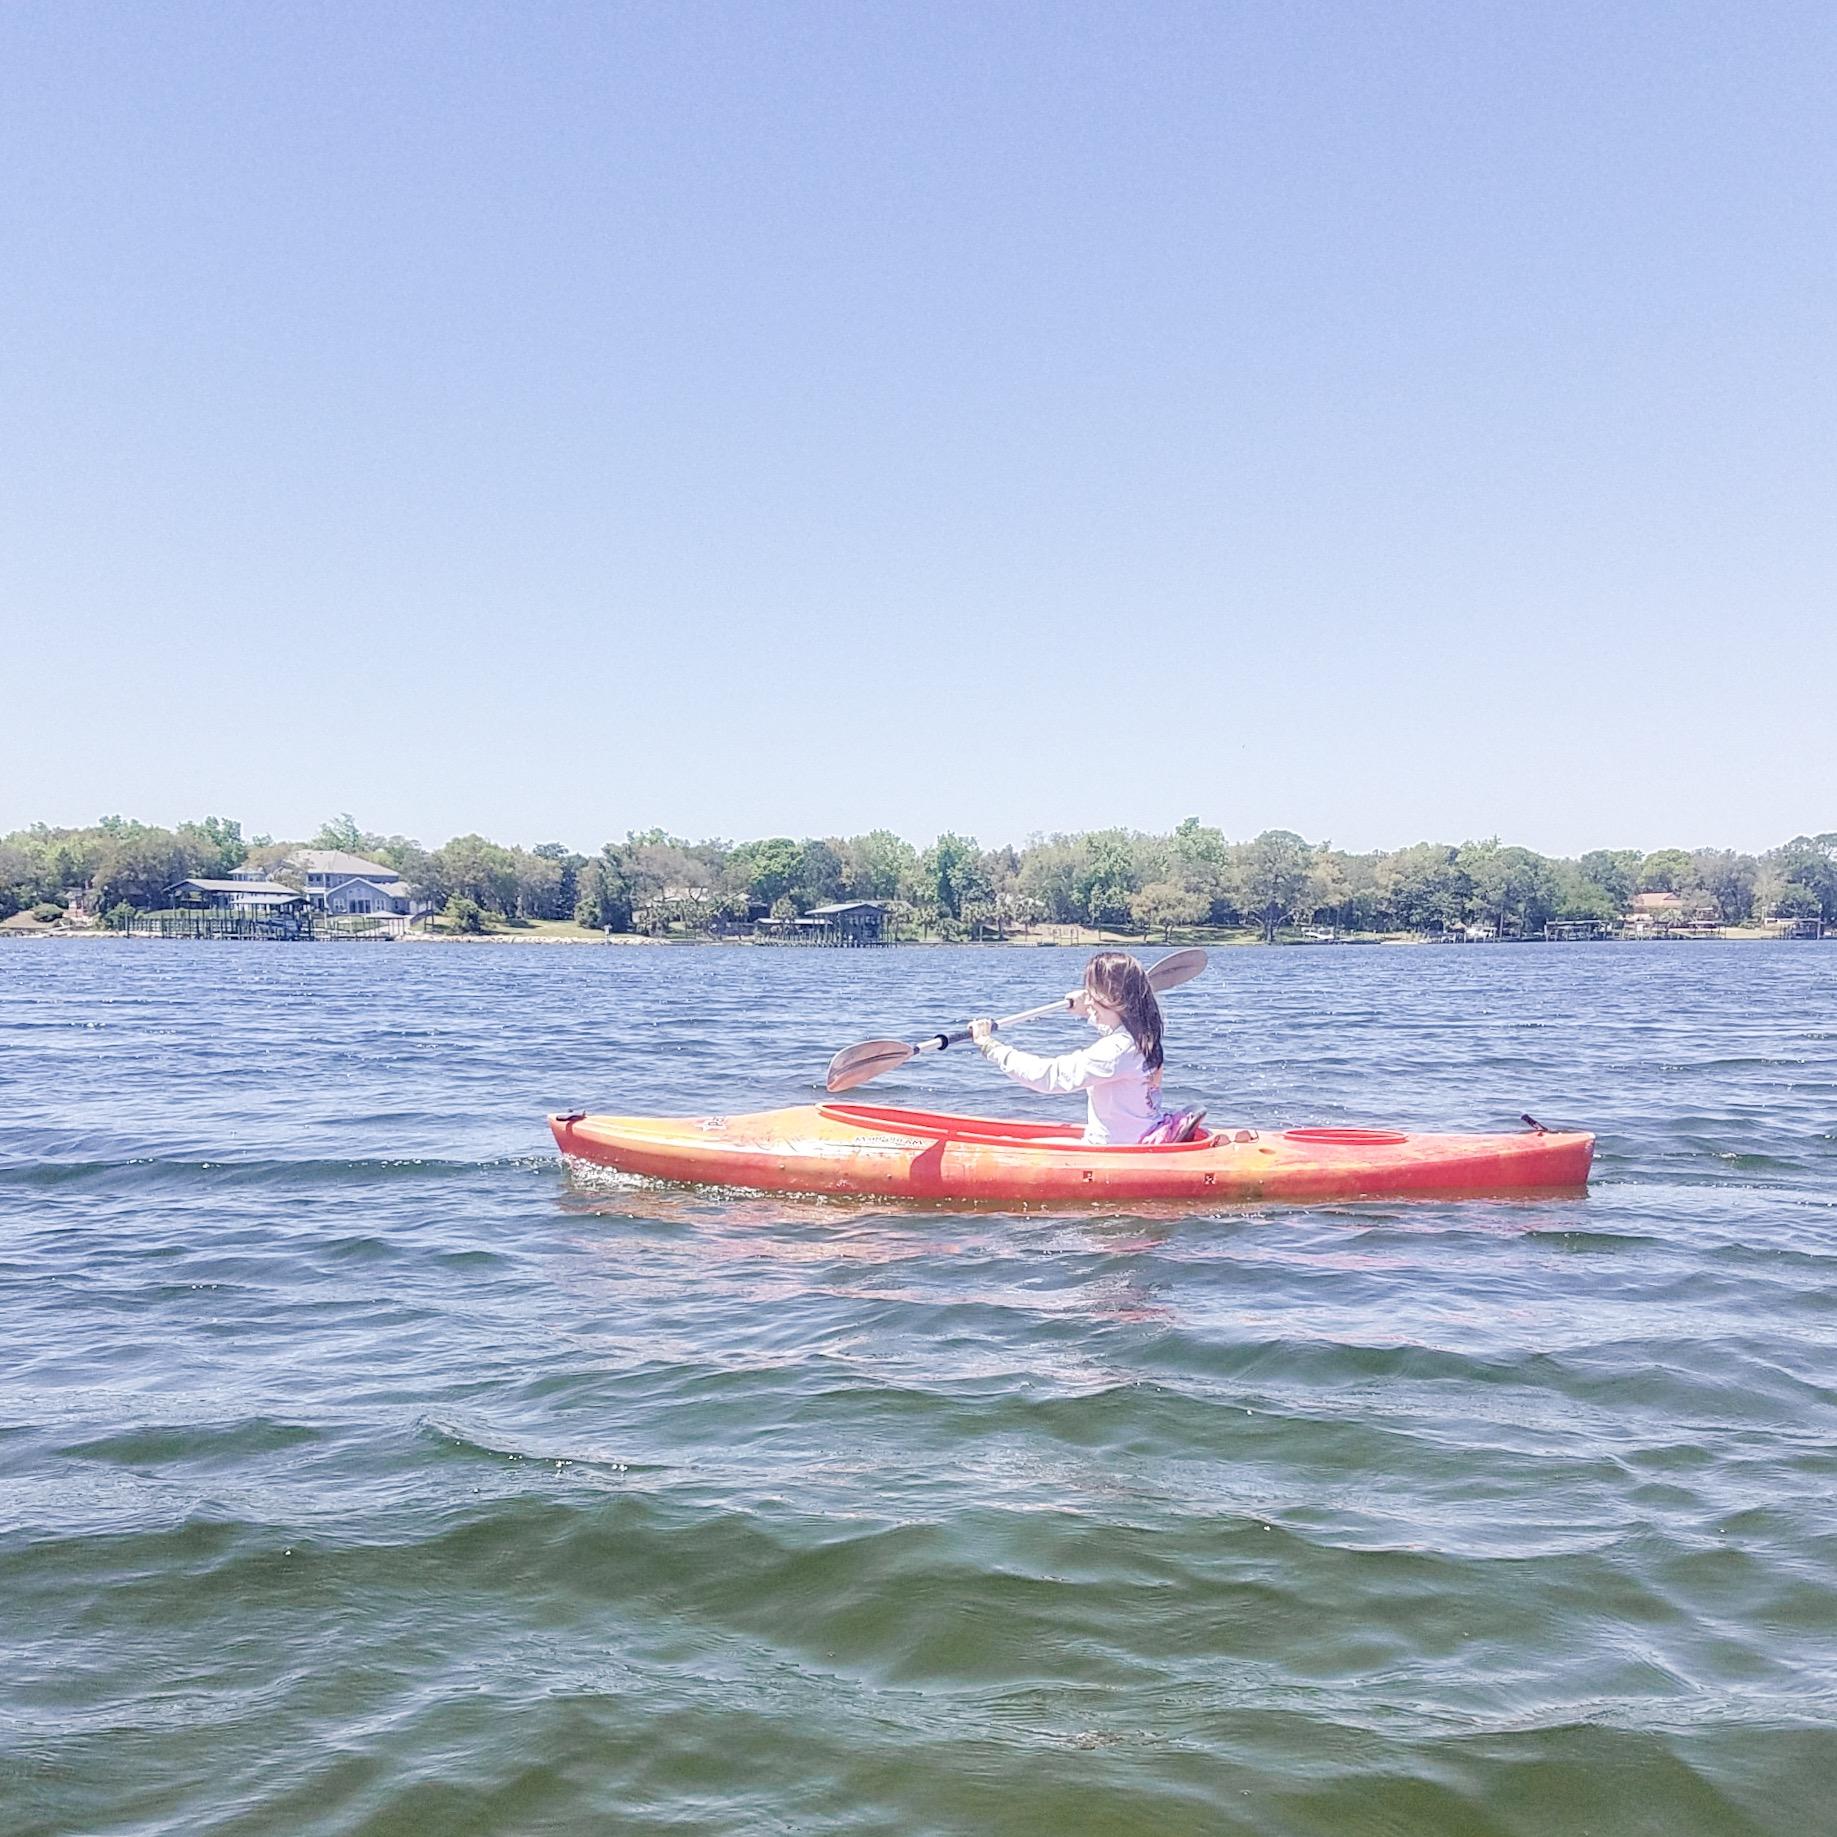 destin florida kayaking